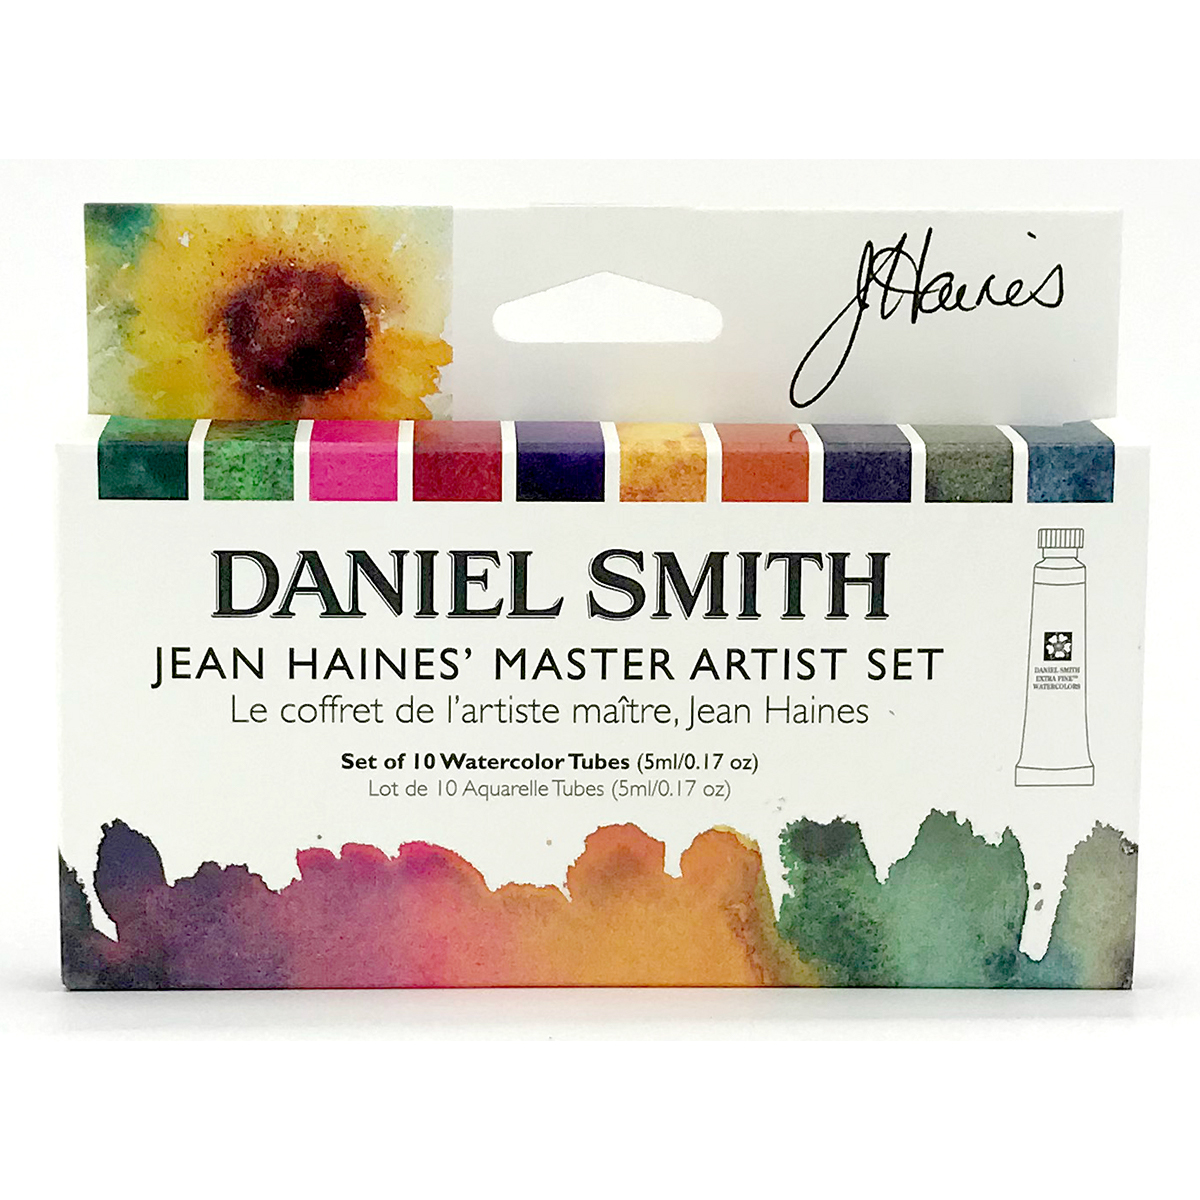 DANIEL SMITH 特価キャンペーン ジーン ヘインズマスターアーティストセット 直送商品 10色 スミス セット 5mlチューブ 水彩絵具 ダニエル